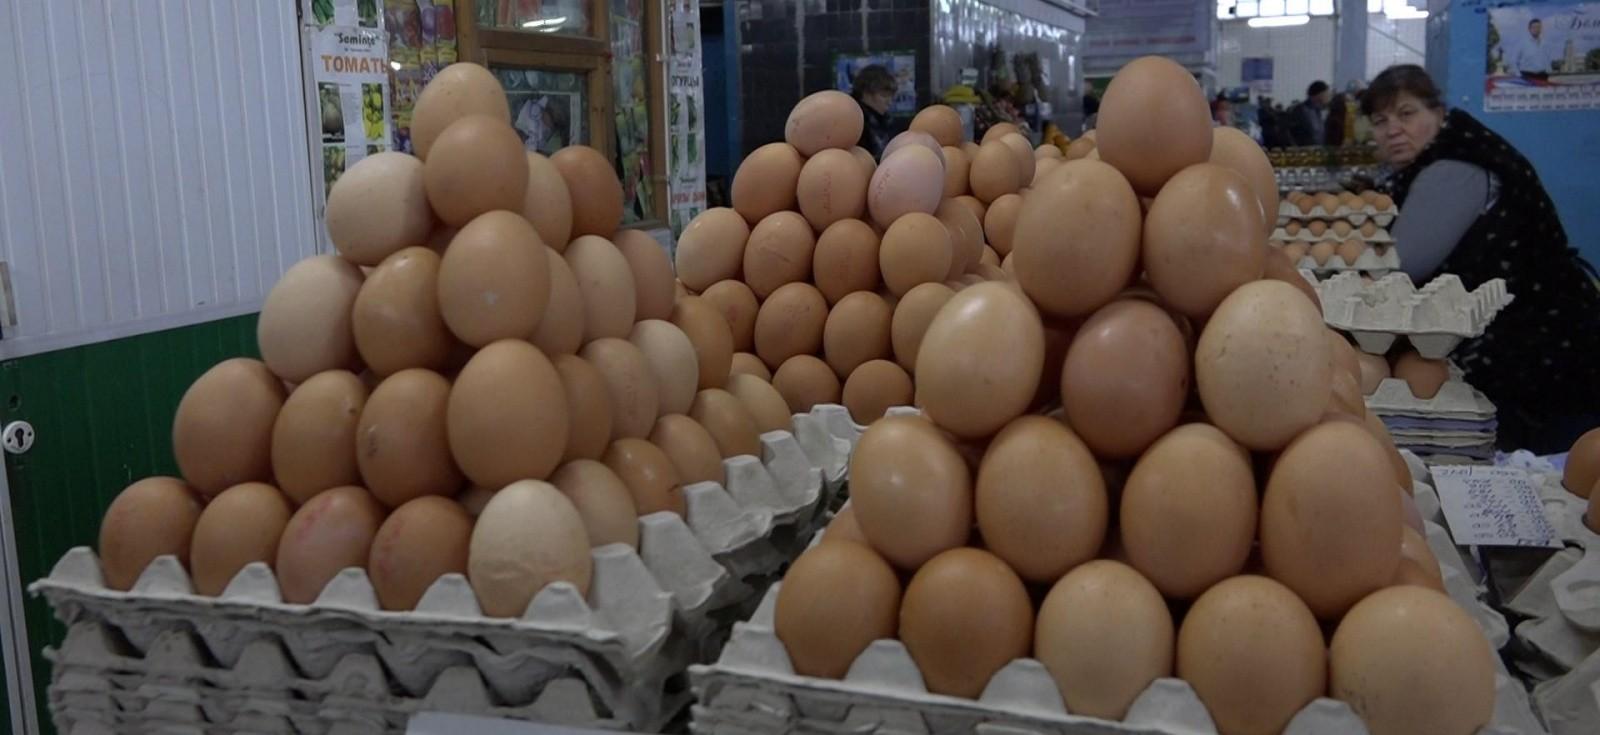 За месяц в Брянской области стоимость десятка яиц увеличилась на 6,9%